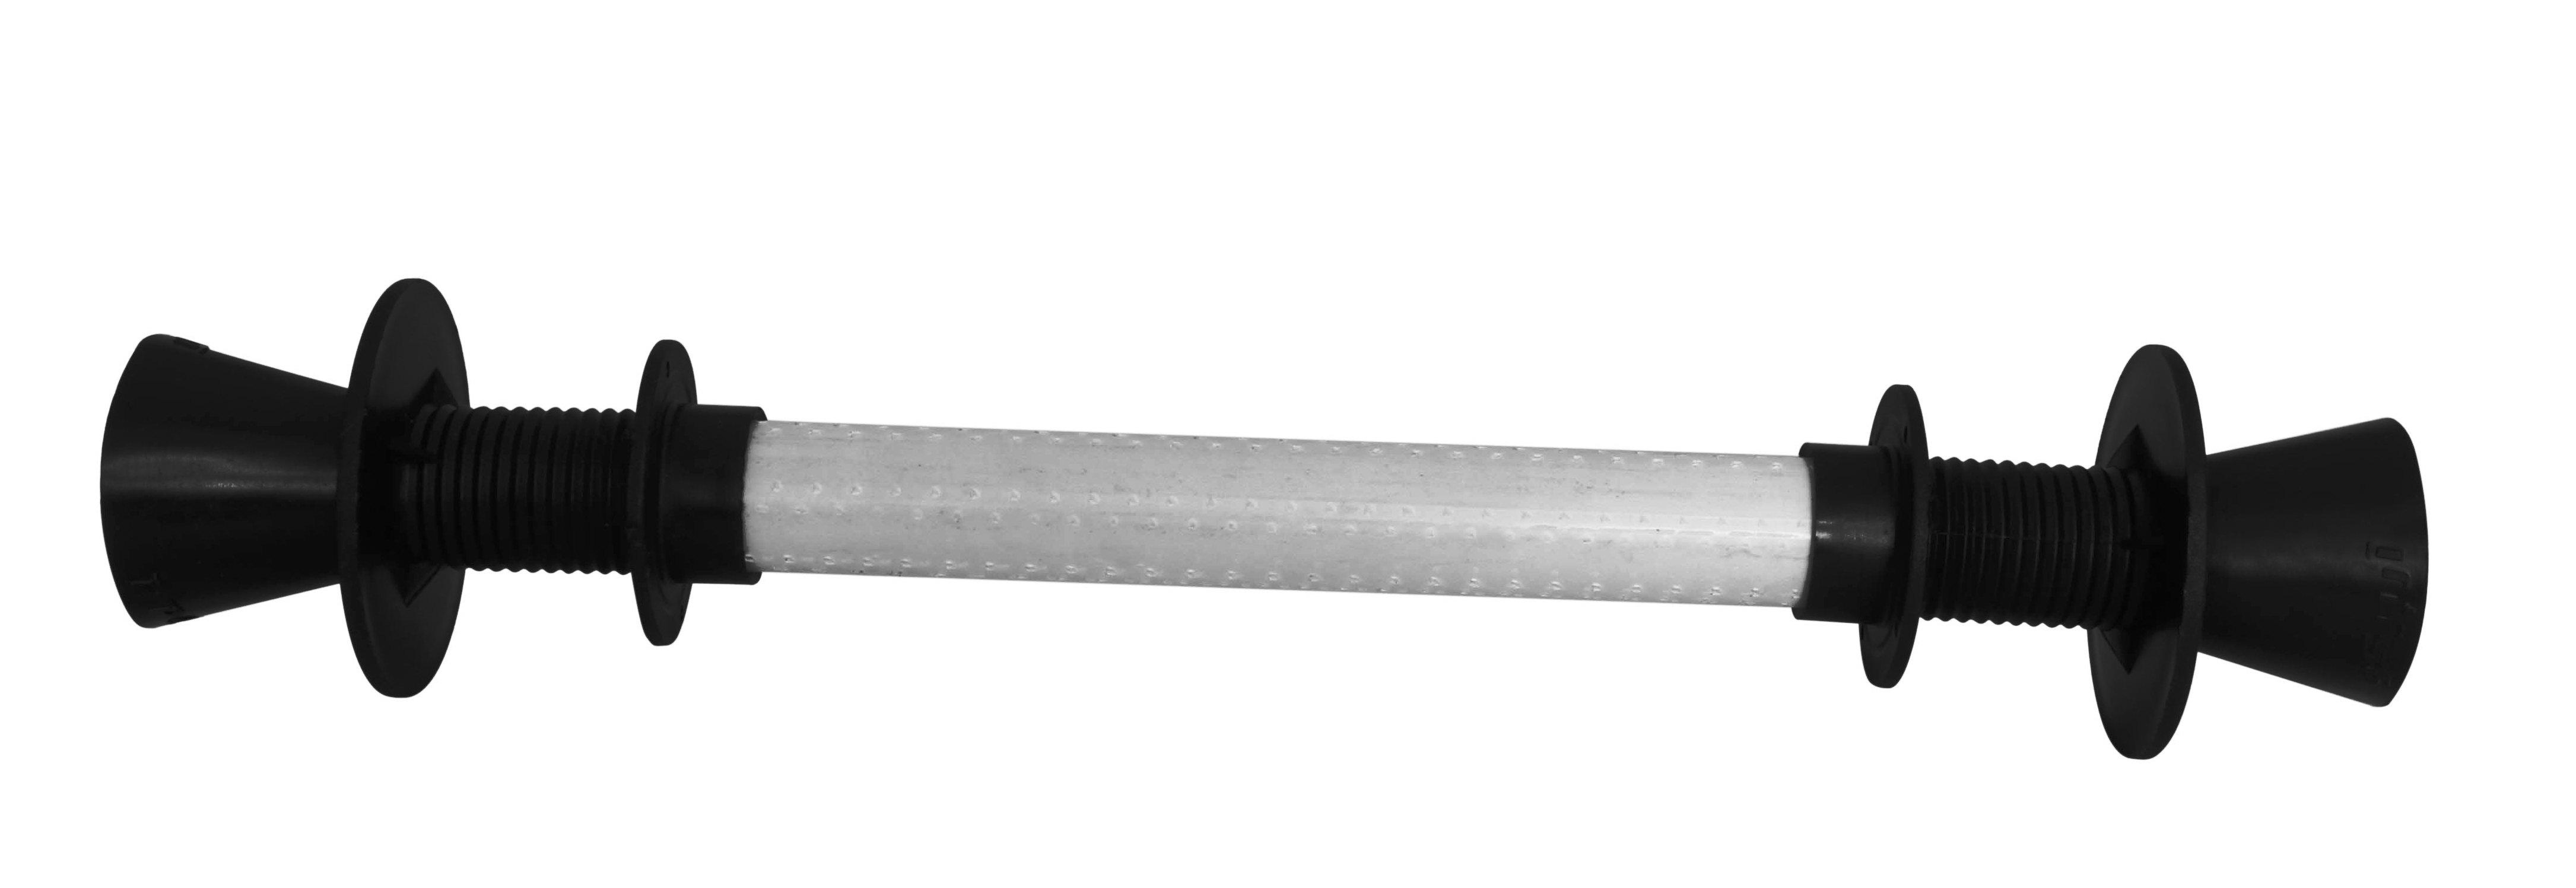 شرکت ارس پلاست تولید کننده انواع اسپیسر های پلاستیکی و میان بلت های پلاستیکی <br/>ميان بلت پلاستيكي <br/>قطعه اي کارآمدبراي آب بند نمودن انواع سازه هاي بتني ن services construction construction